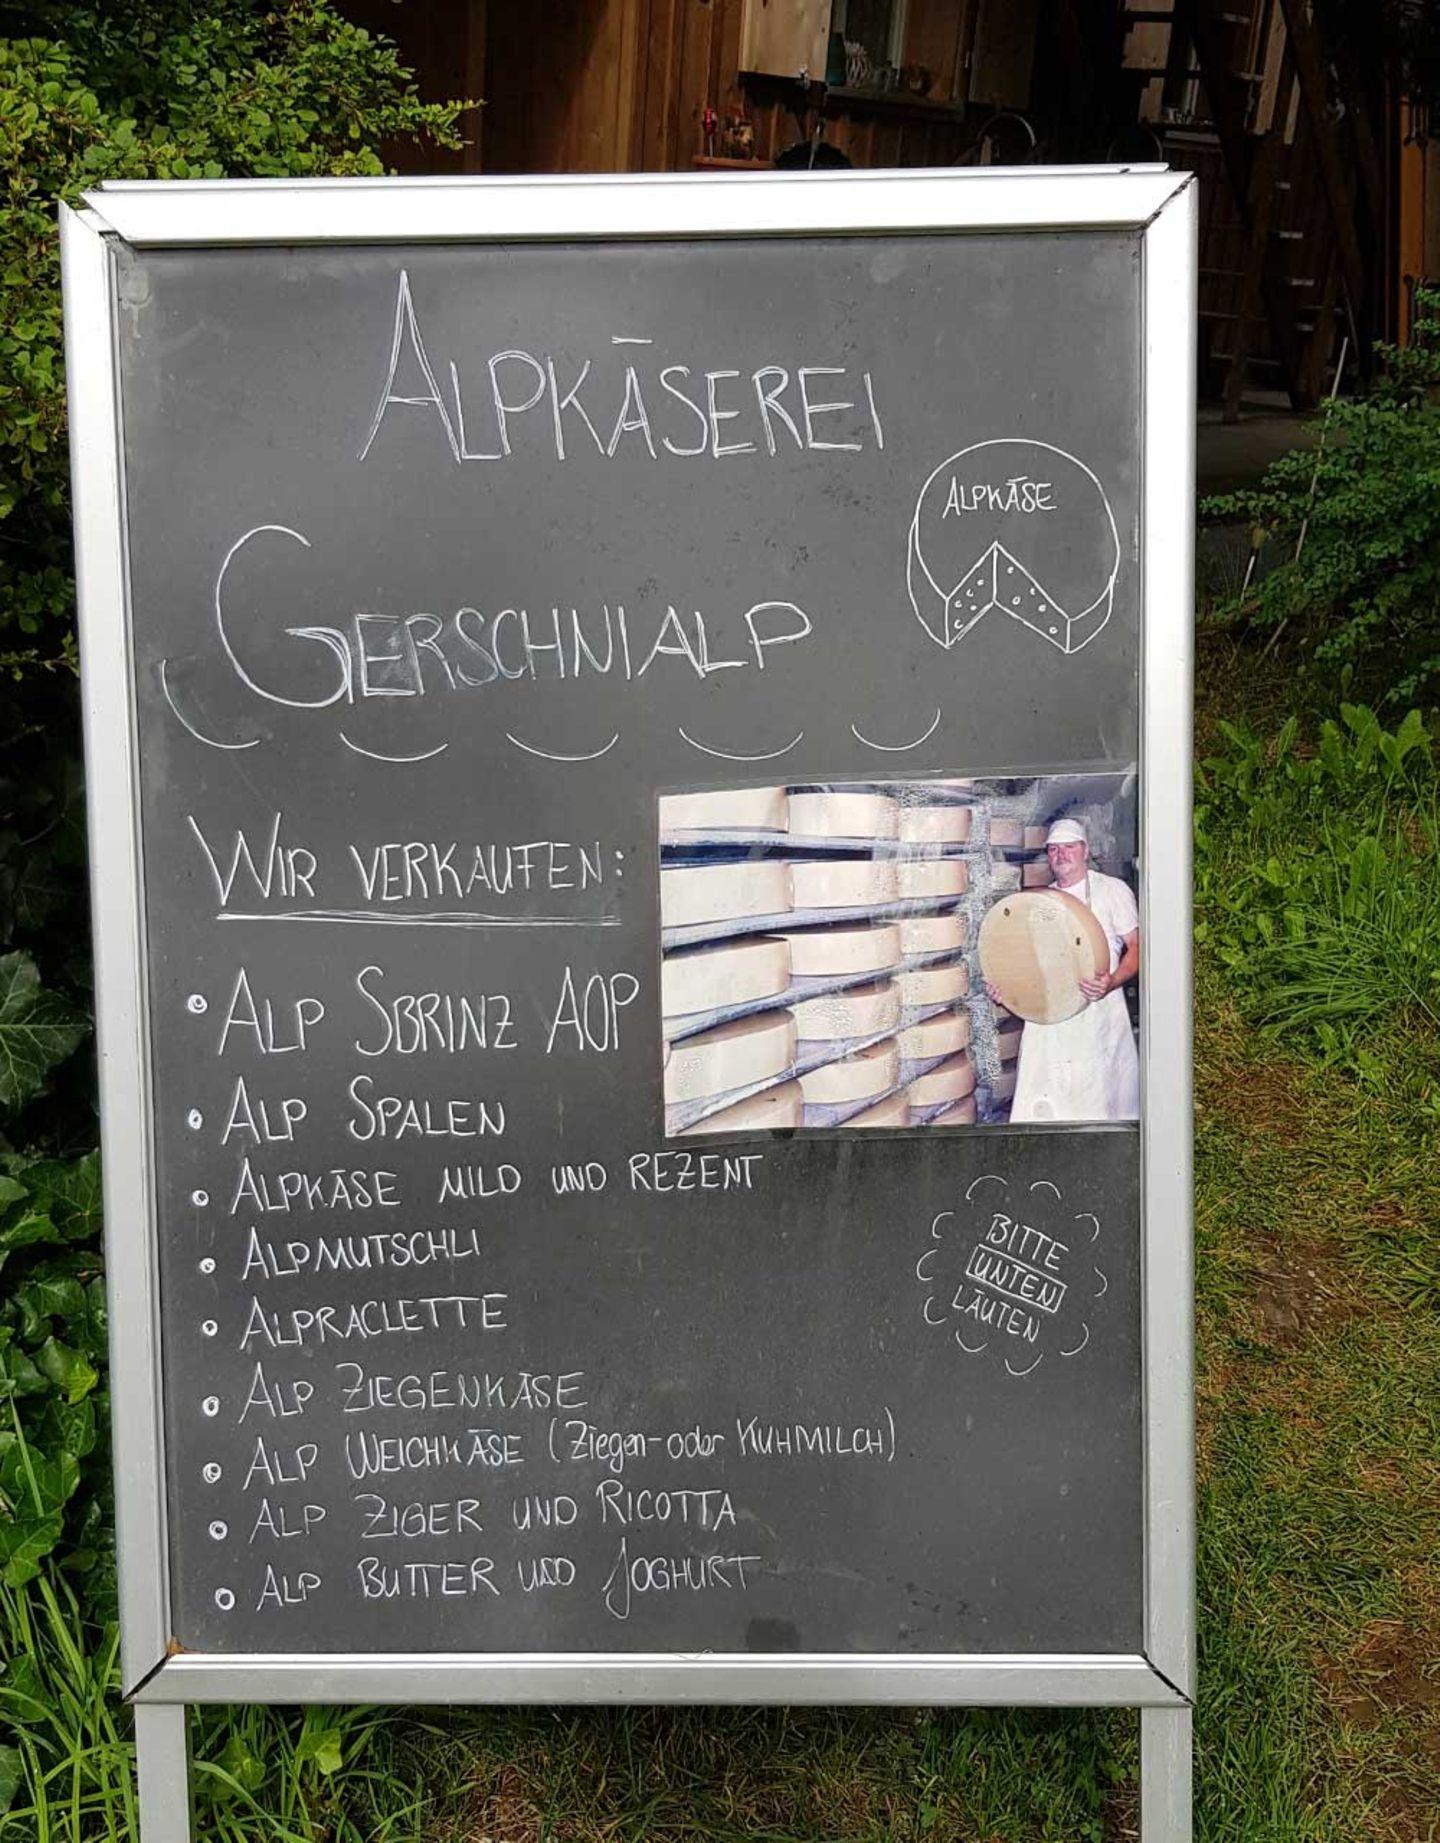 Gerschnialp Tafel mit Käsesorten